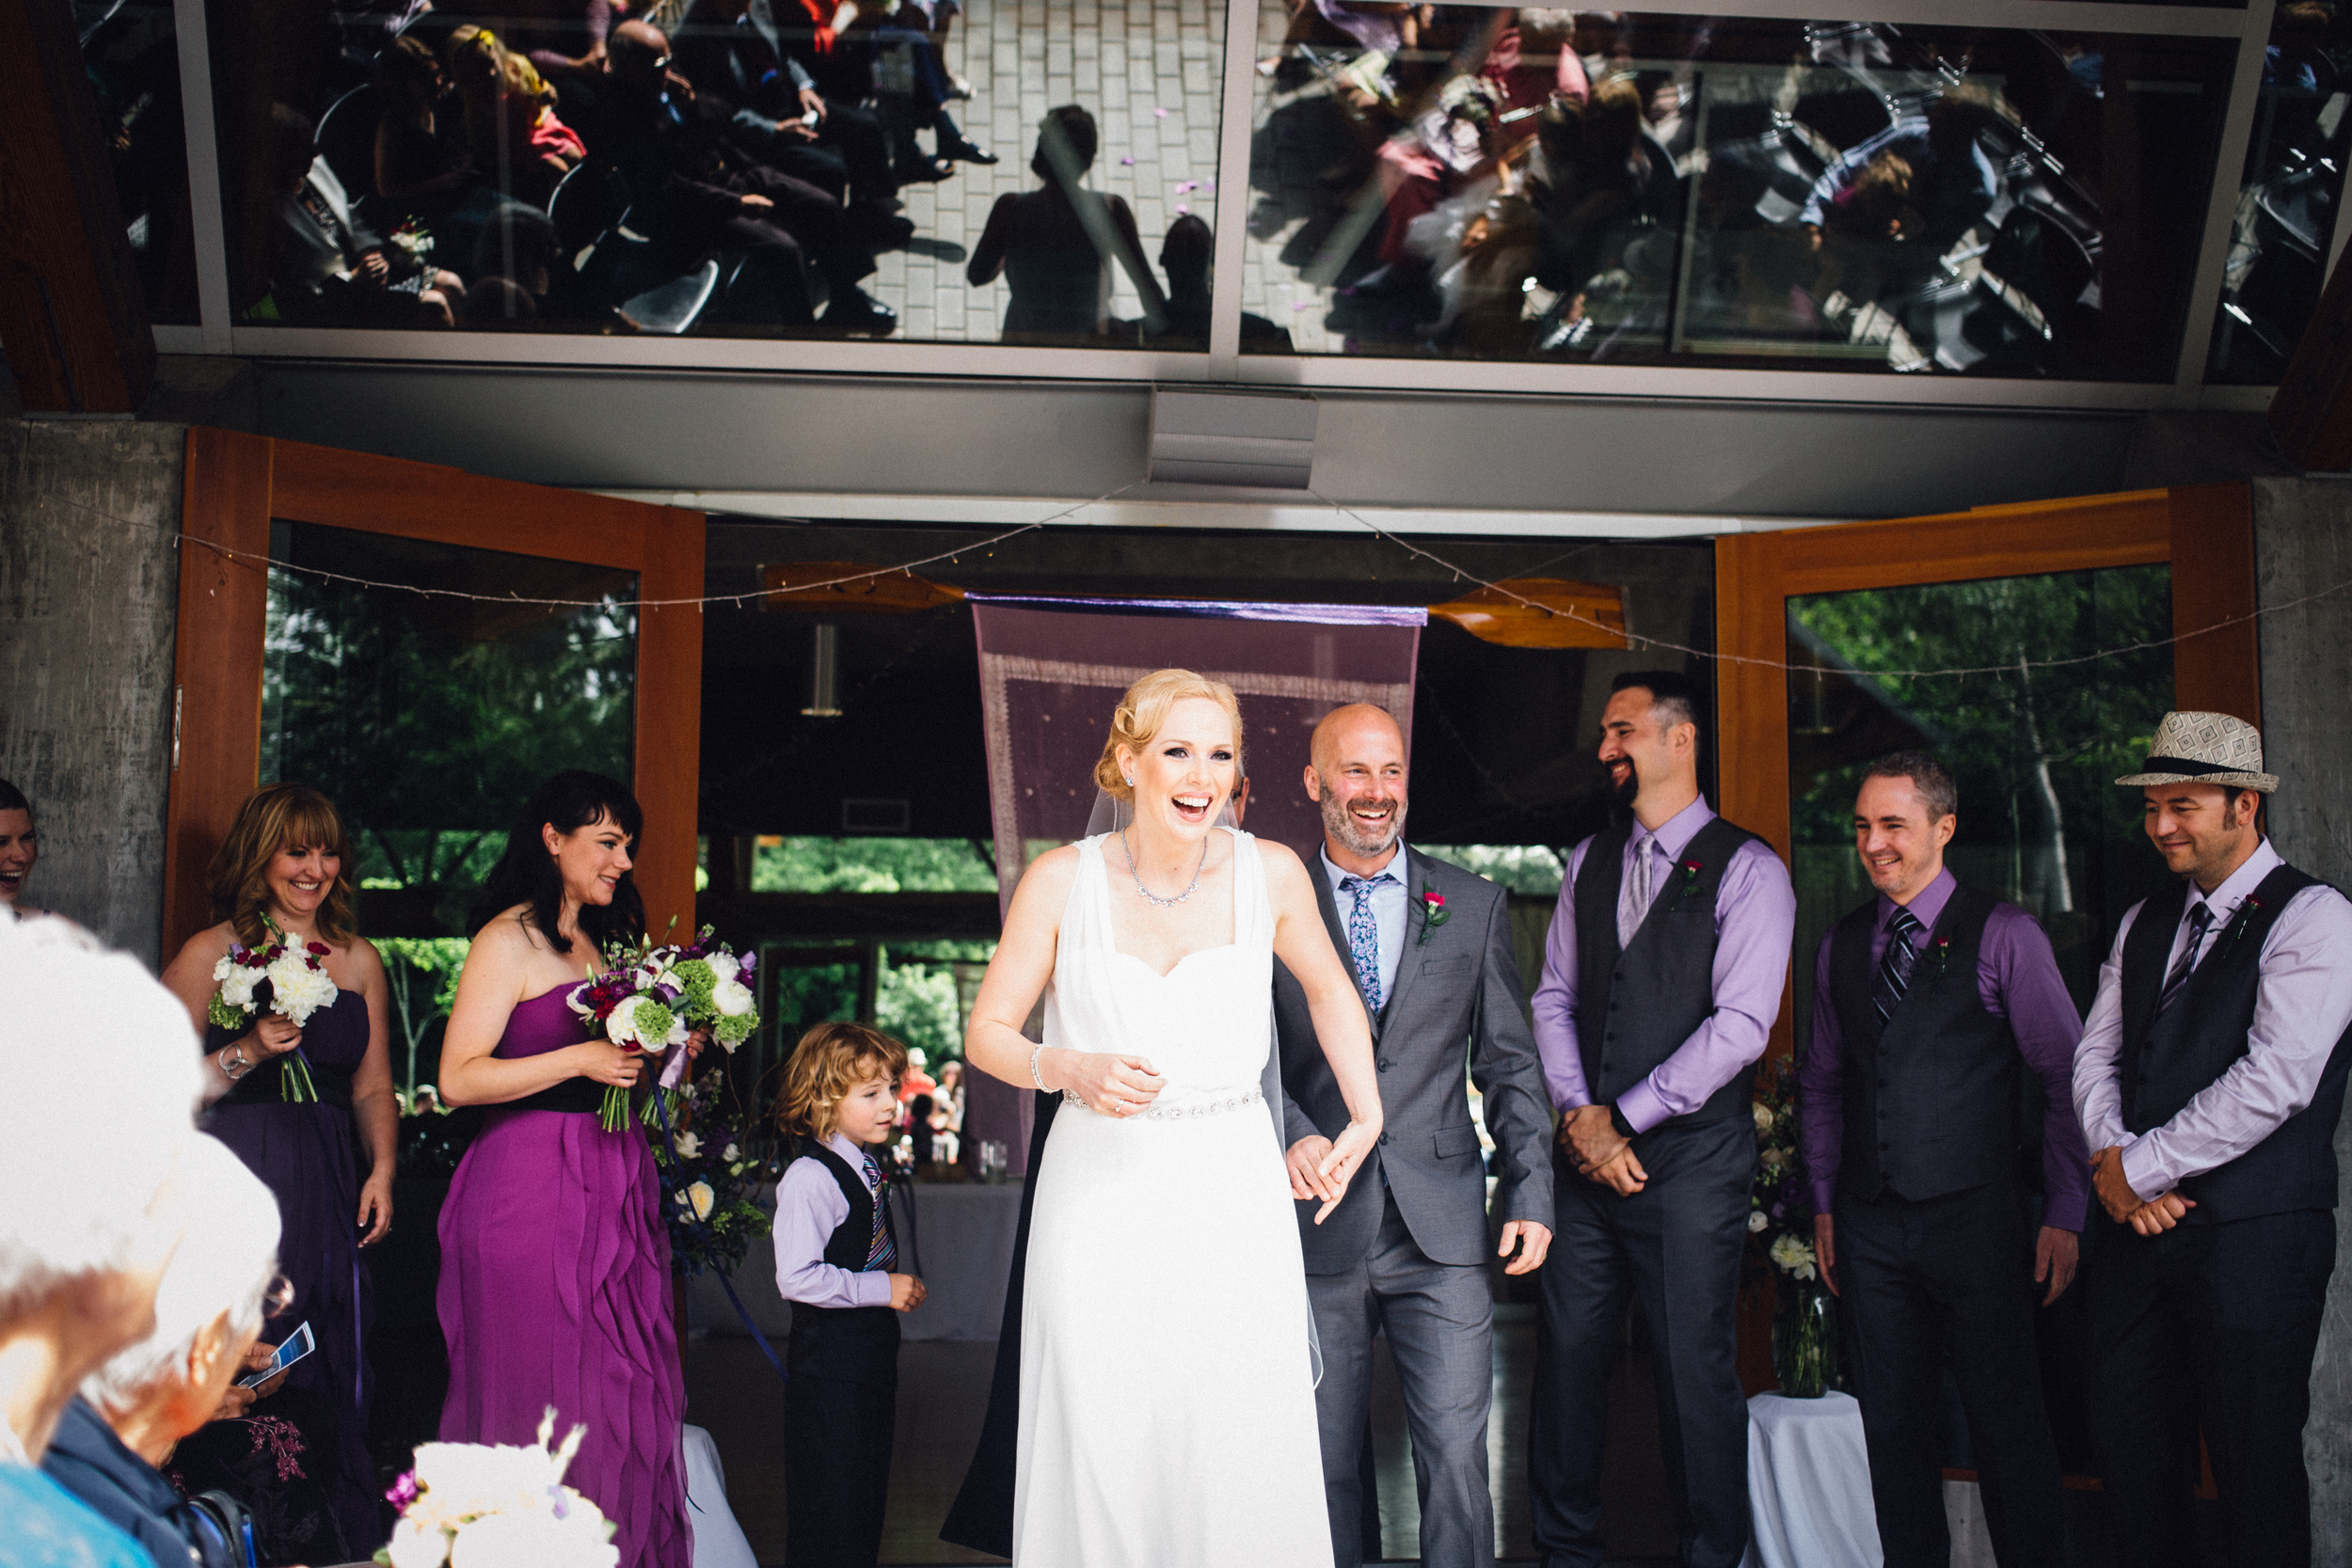 dogwoodphotography_photographer_vancouver_wedding_kimberley (61 of 180).jpg